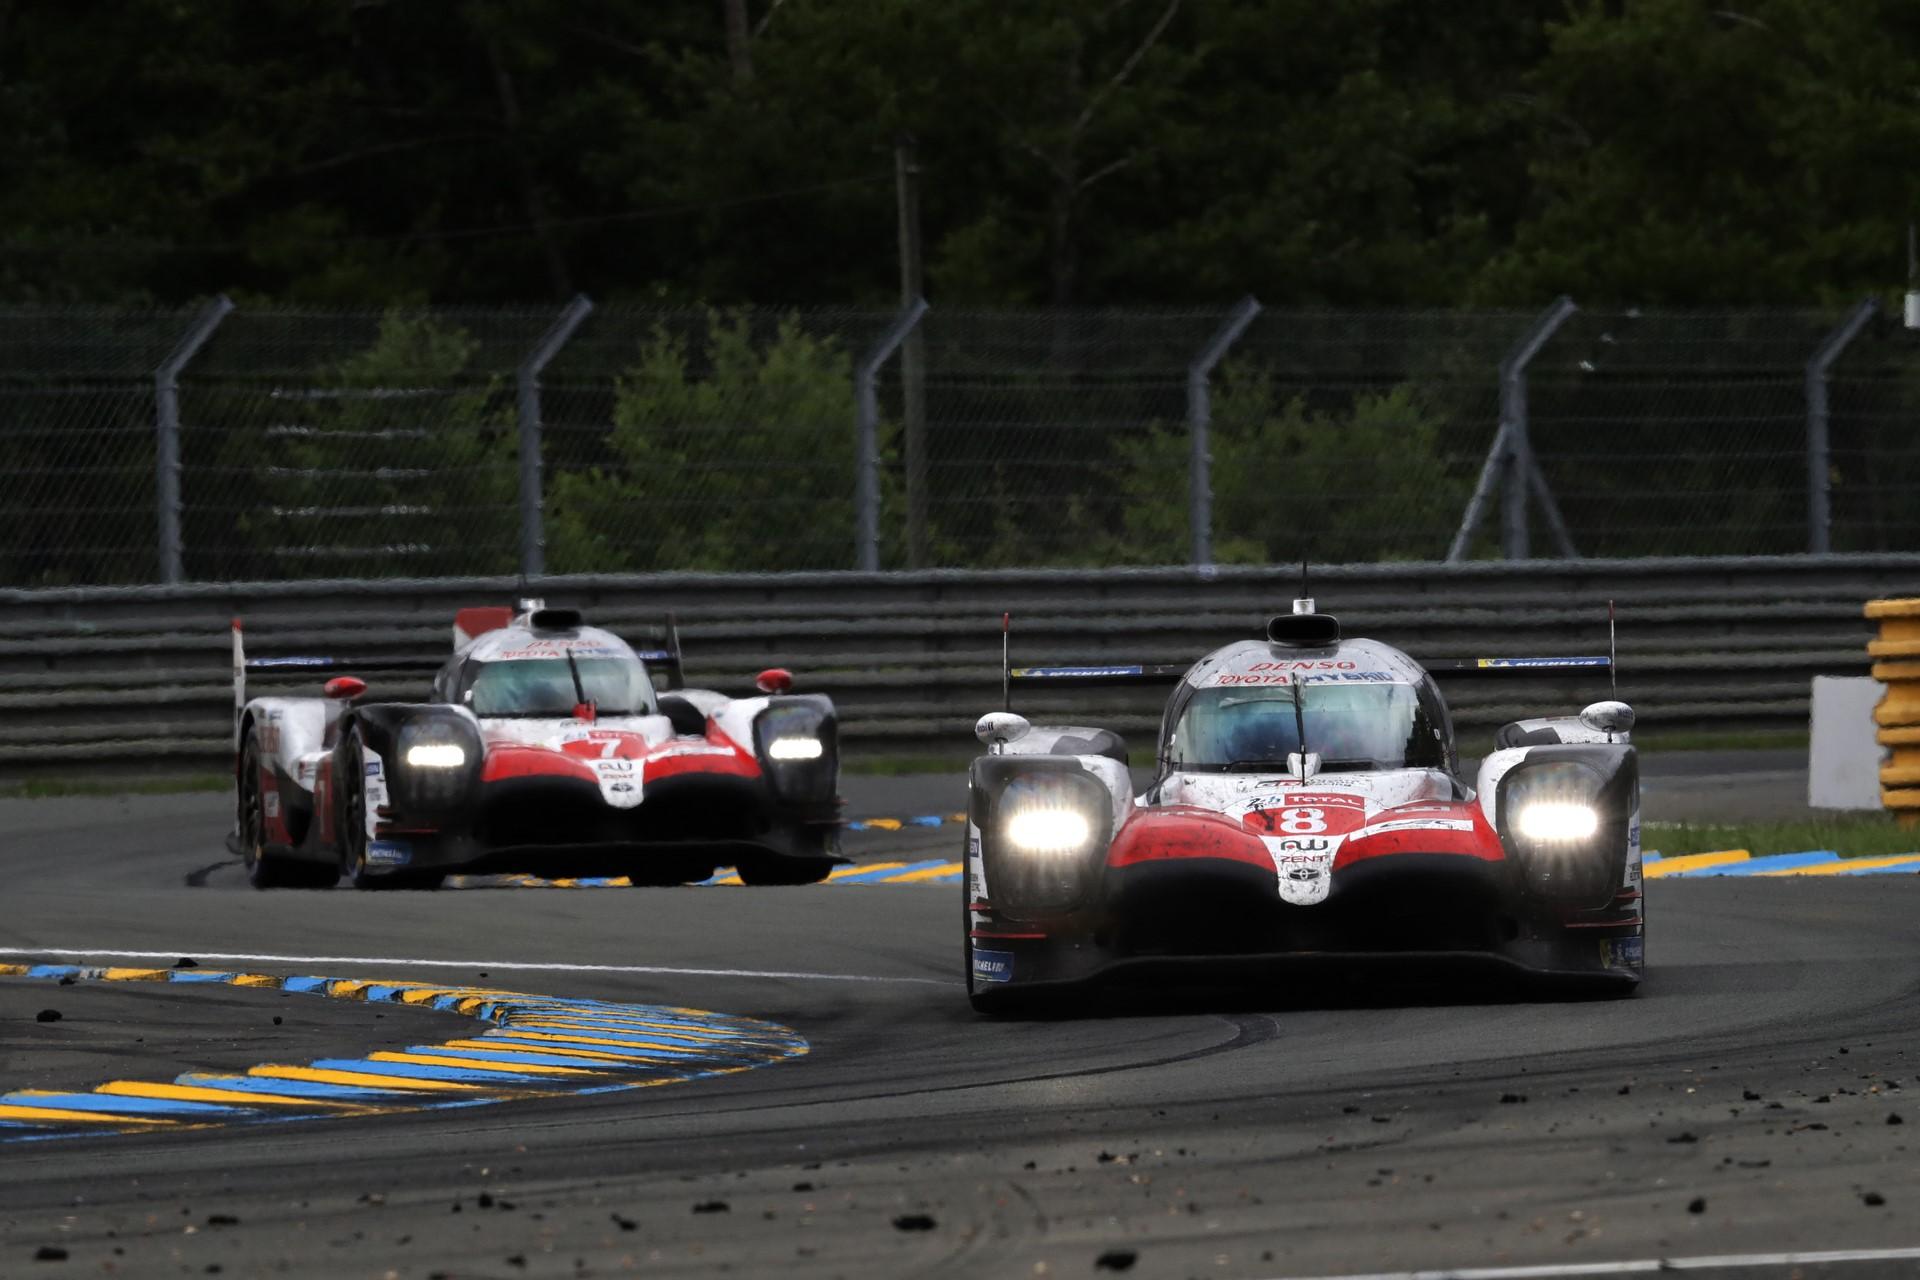 Le-Mans-2018-13